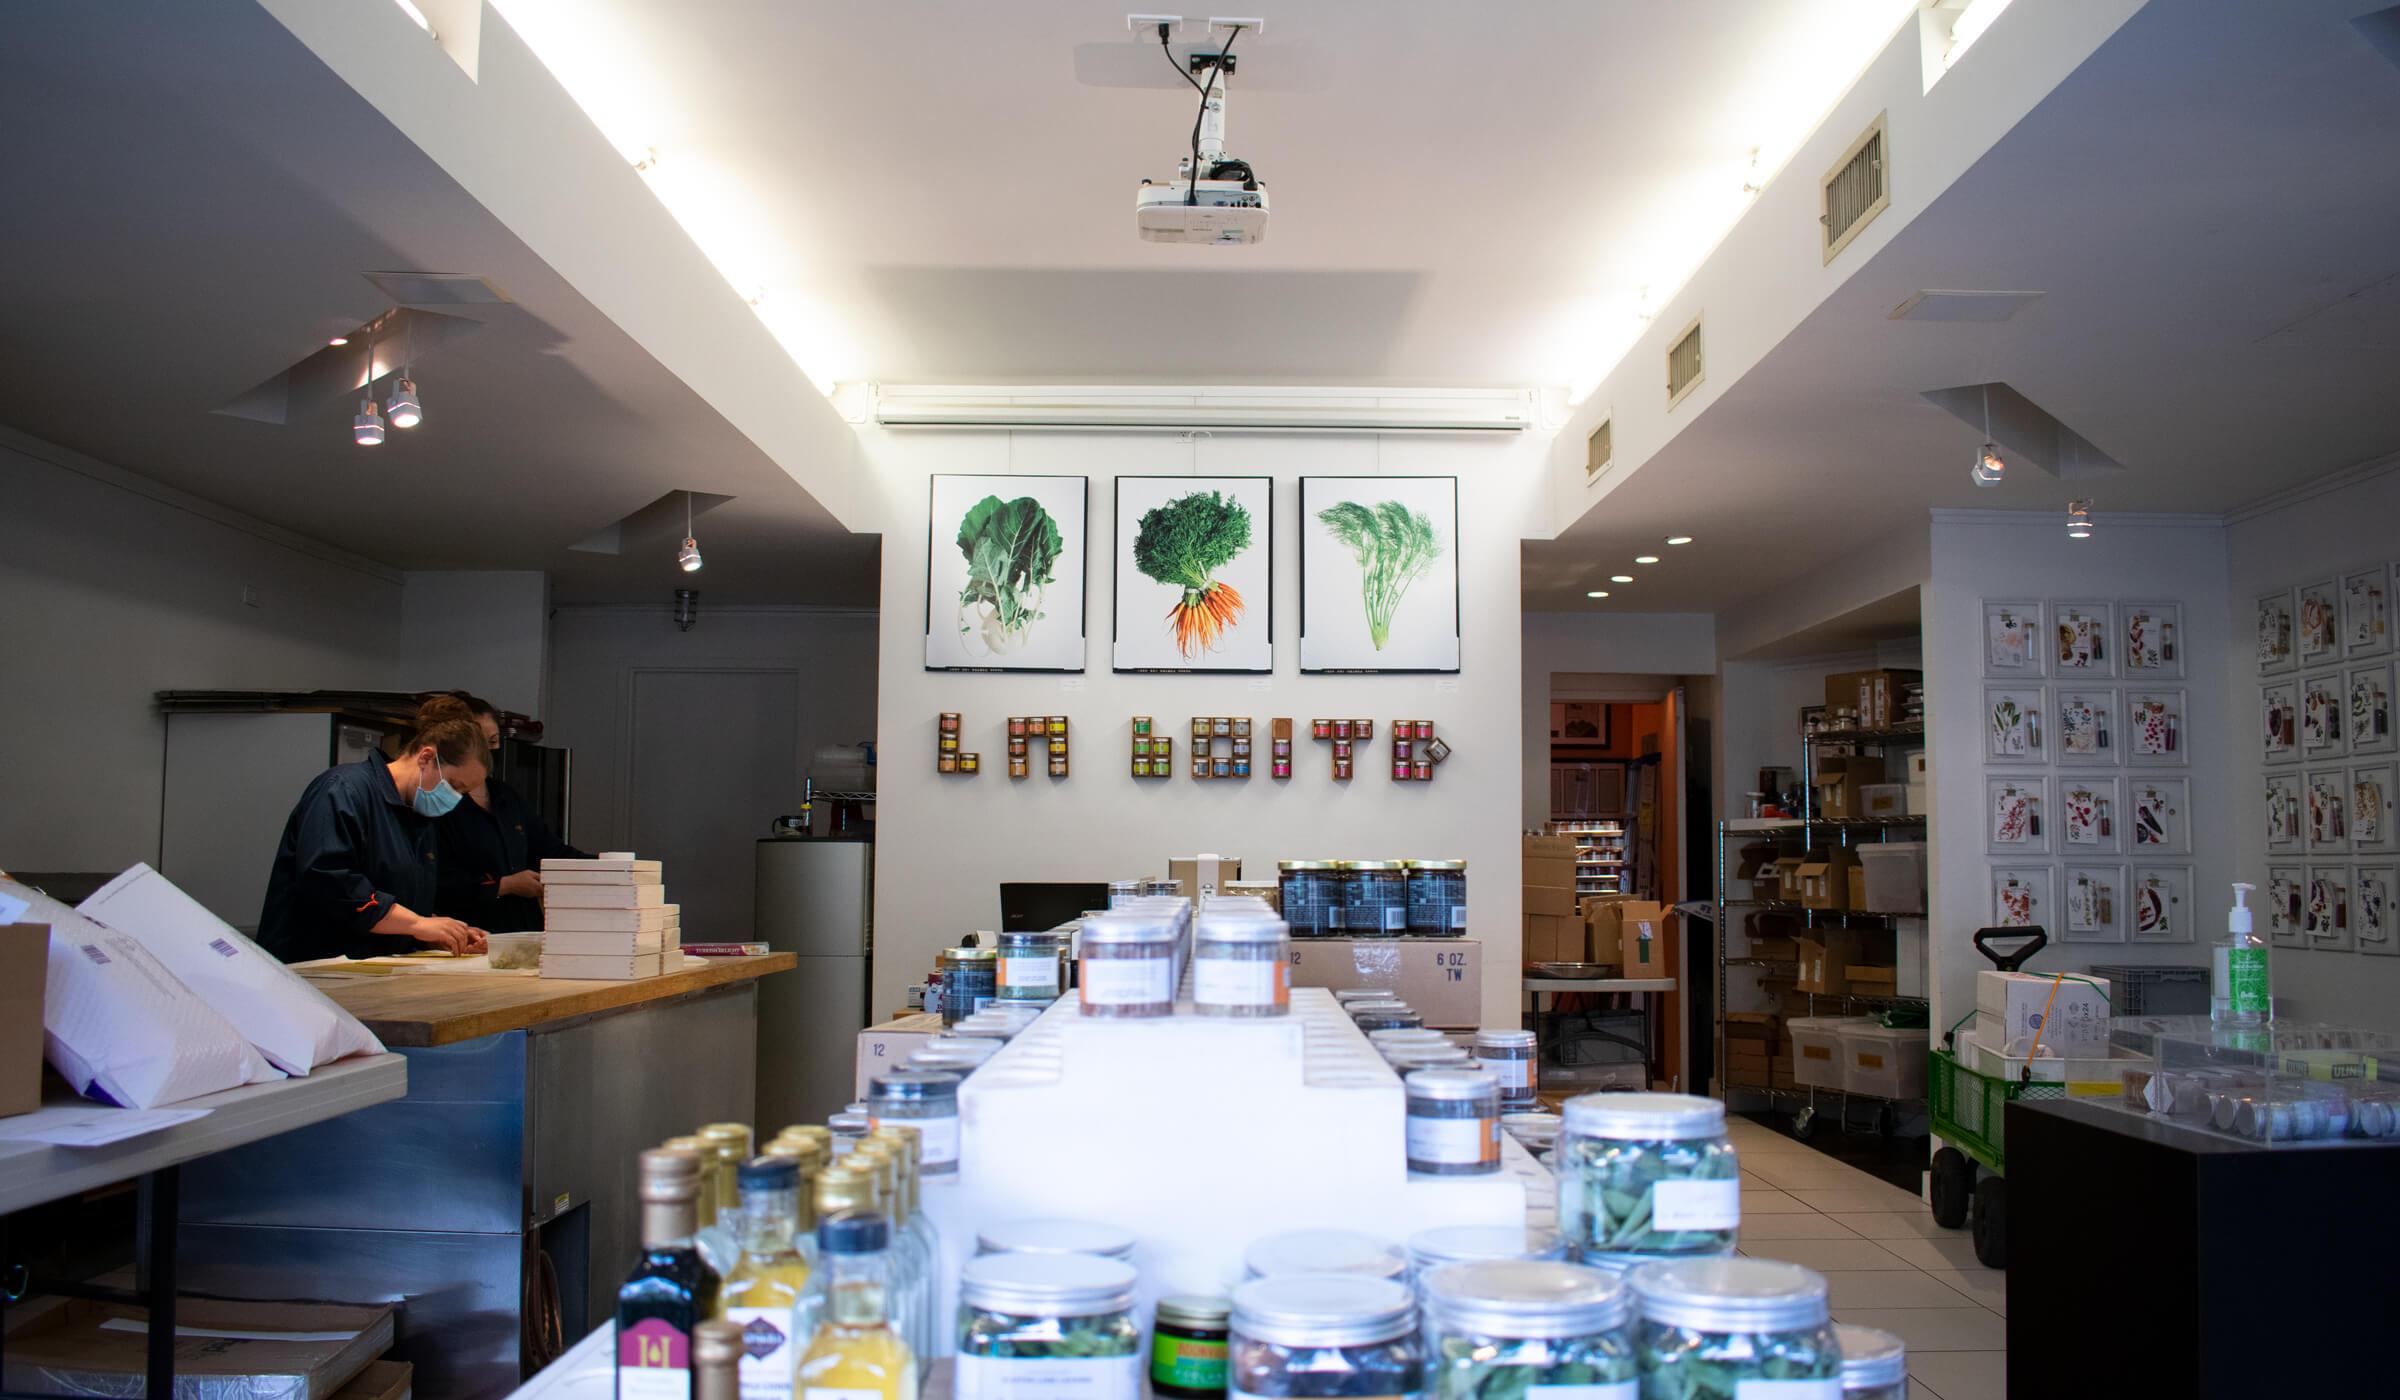 La Boite Shop in New York City